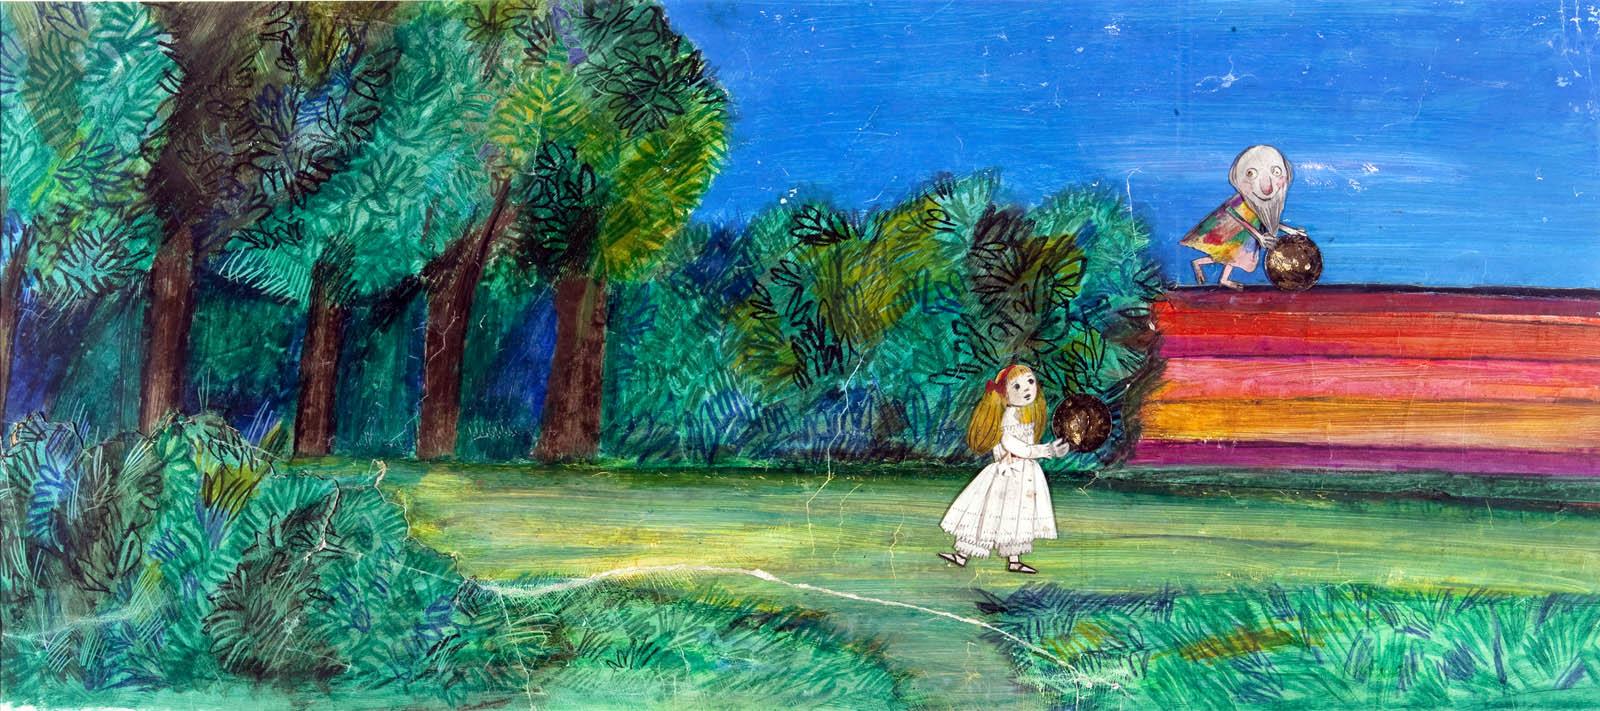 """Résultat de recherche d'images pour """"polichinelle et les contes merveilleux"""""""